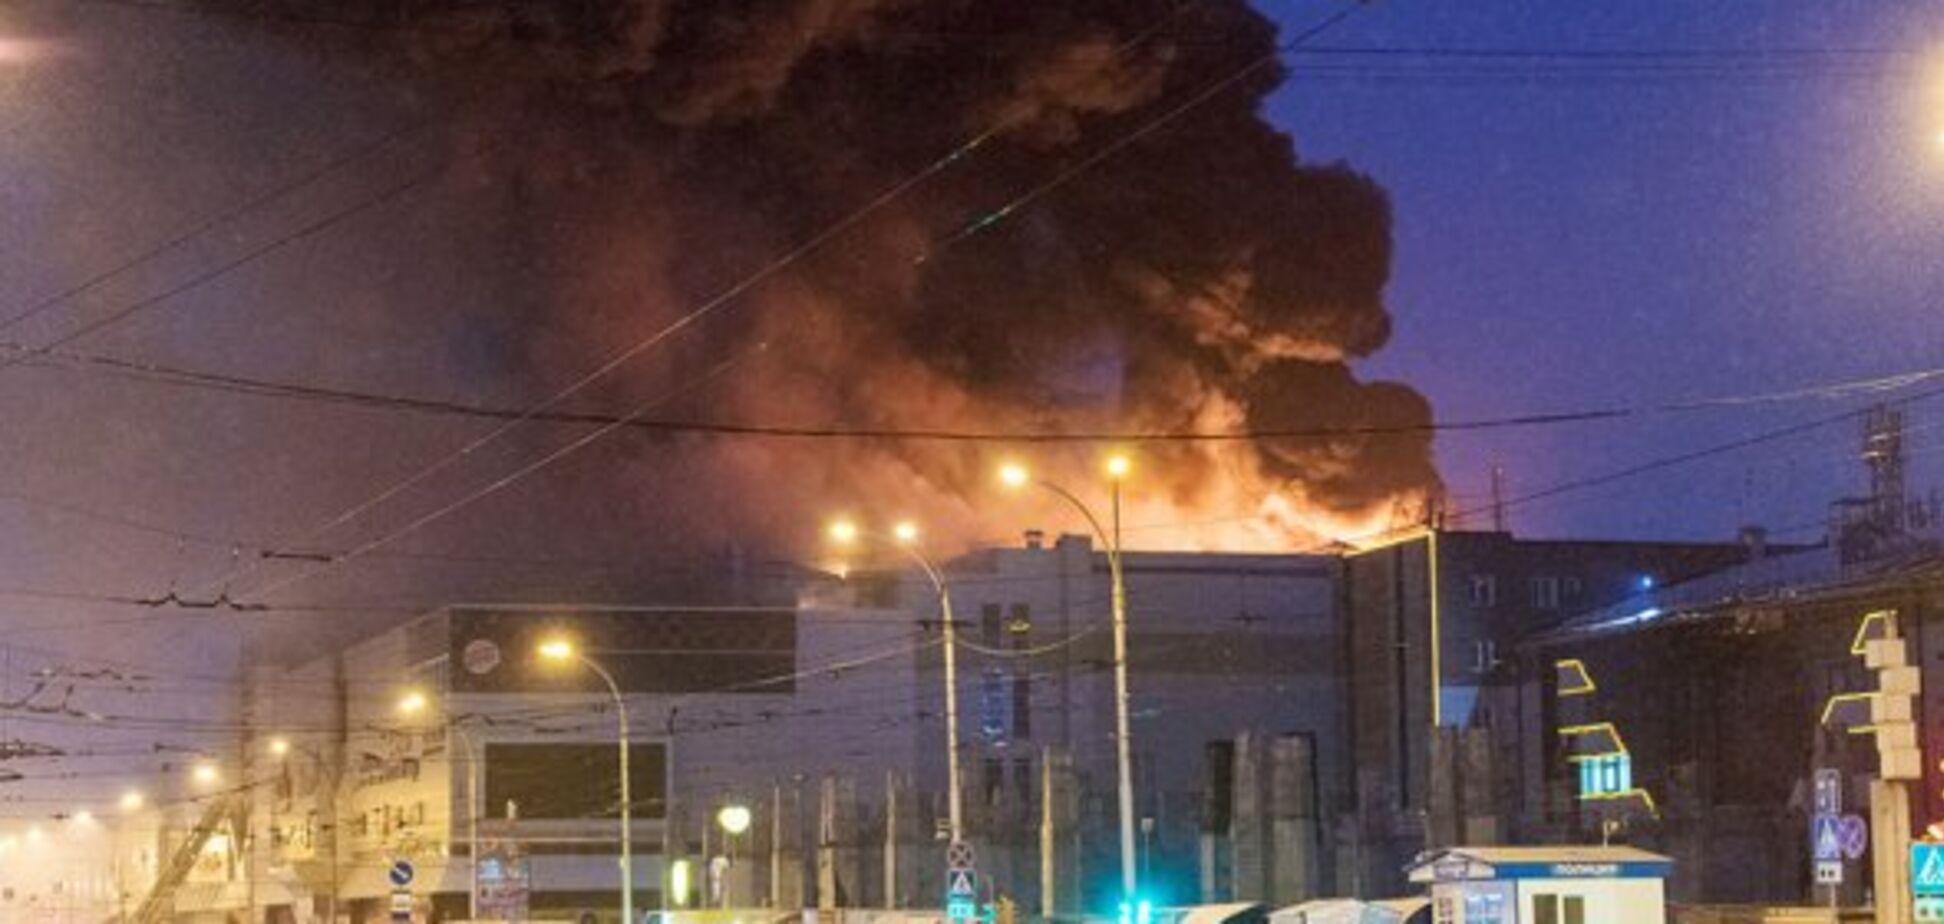 10 фактов, как коррупция и безответственность привели к трагедии в Кемерово